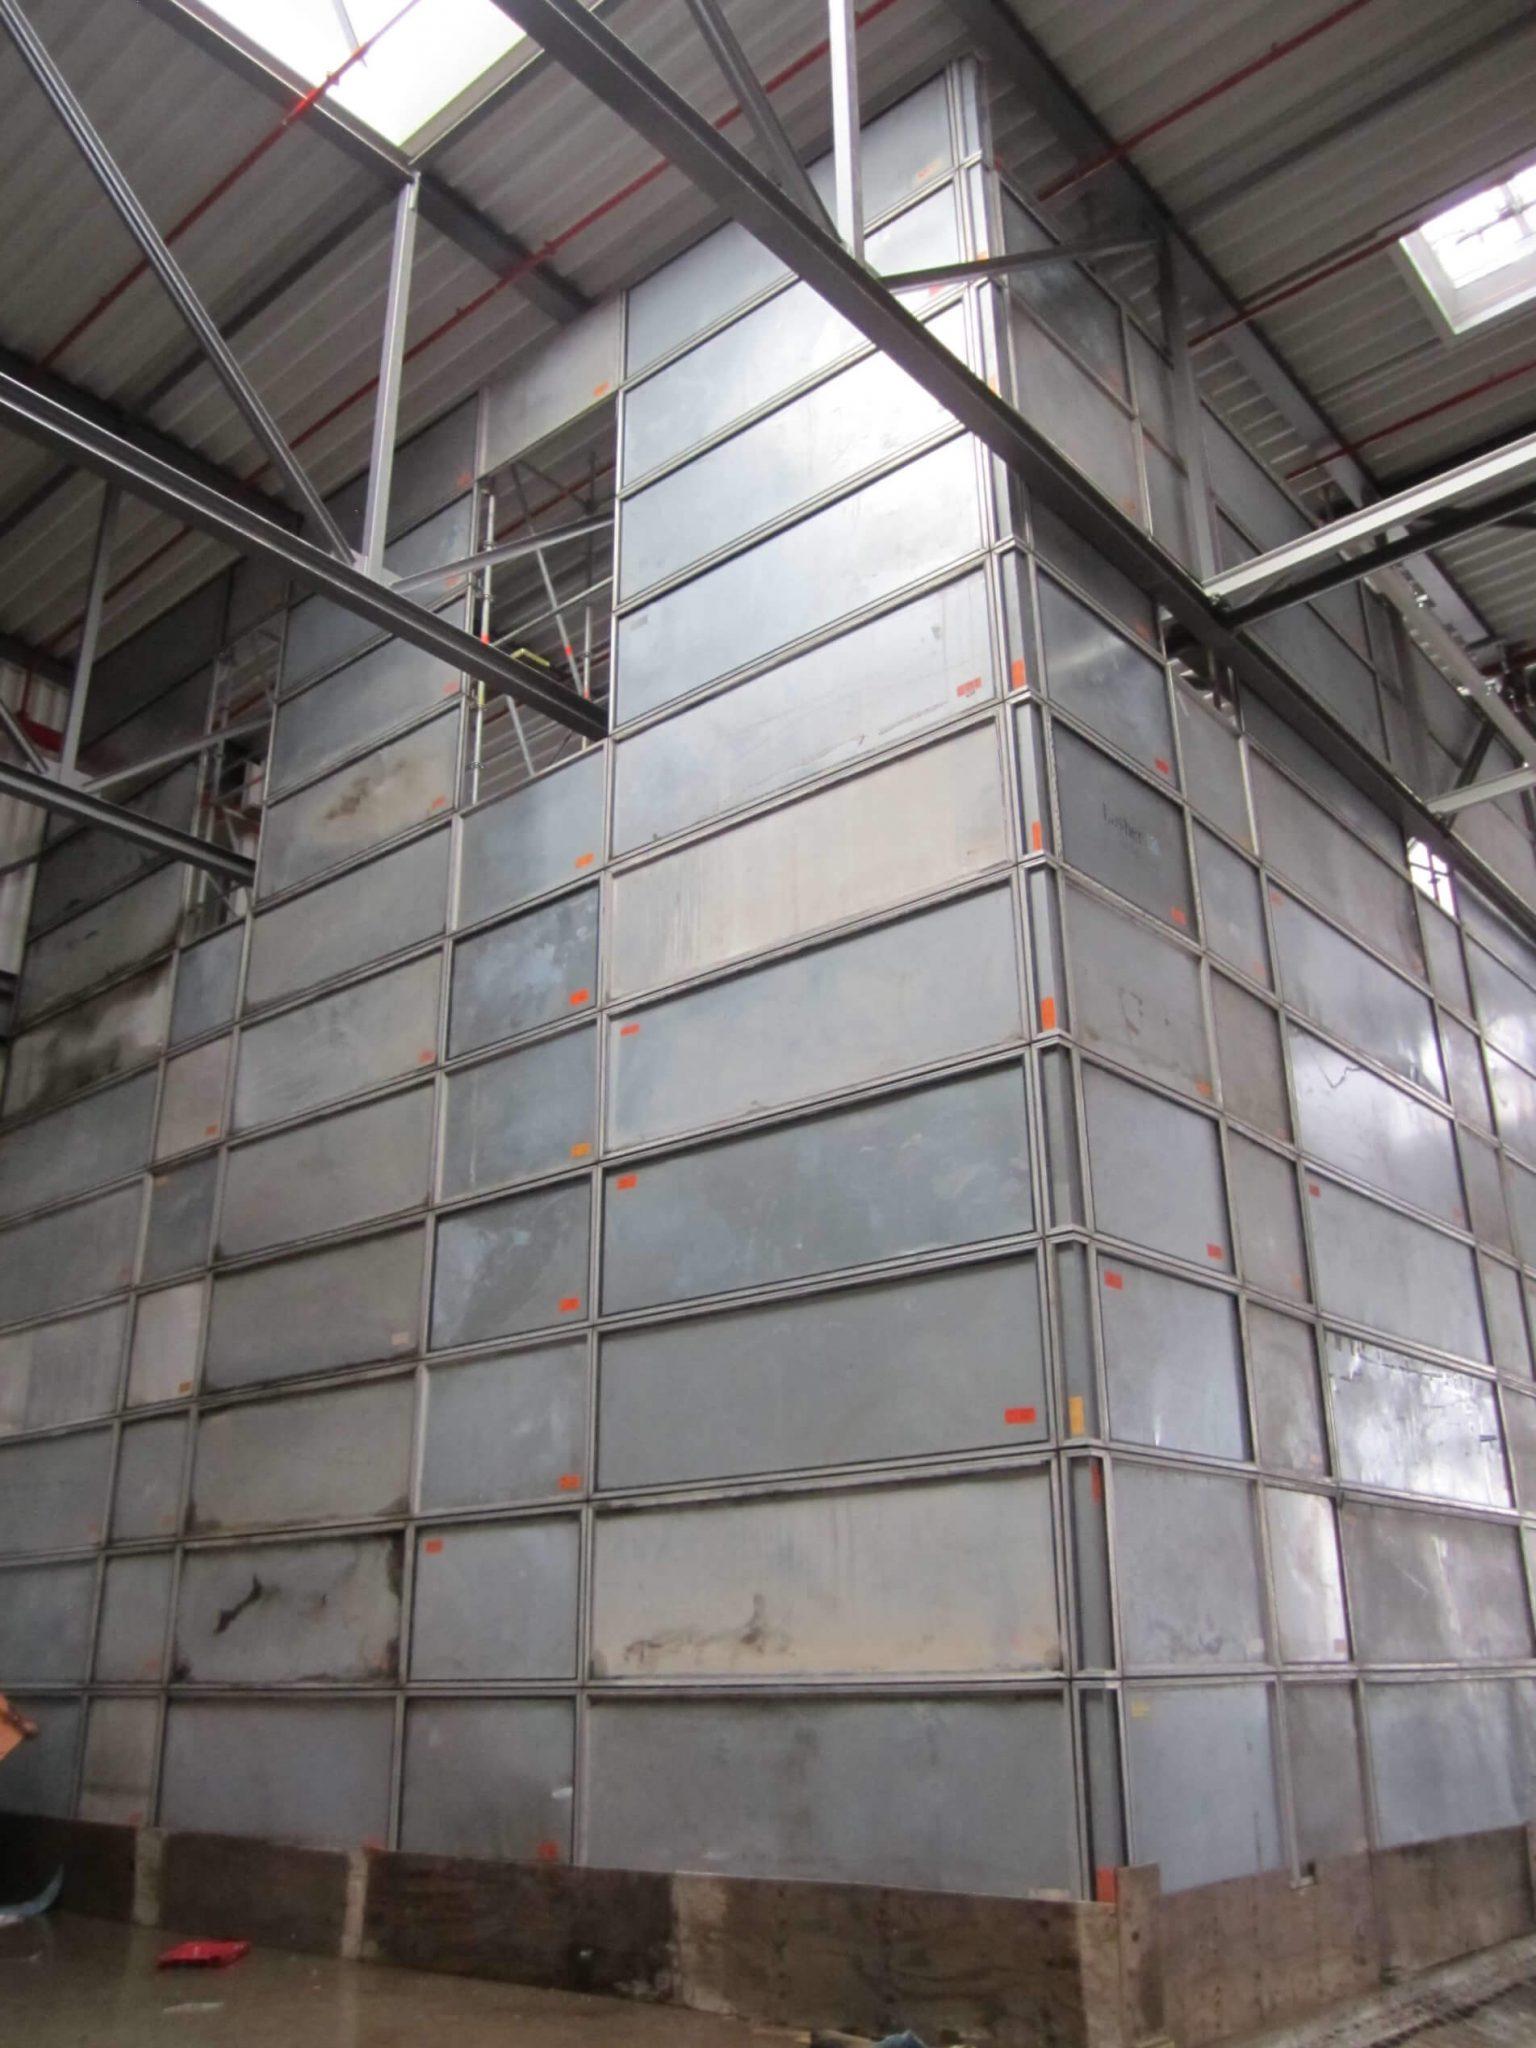 Staubschutzwand für Bauprojekte in Industriebetrieben